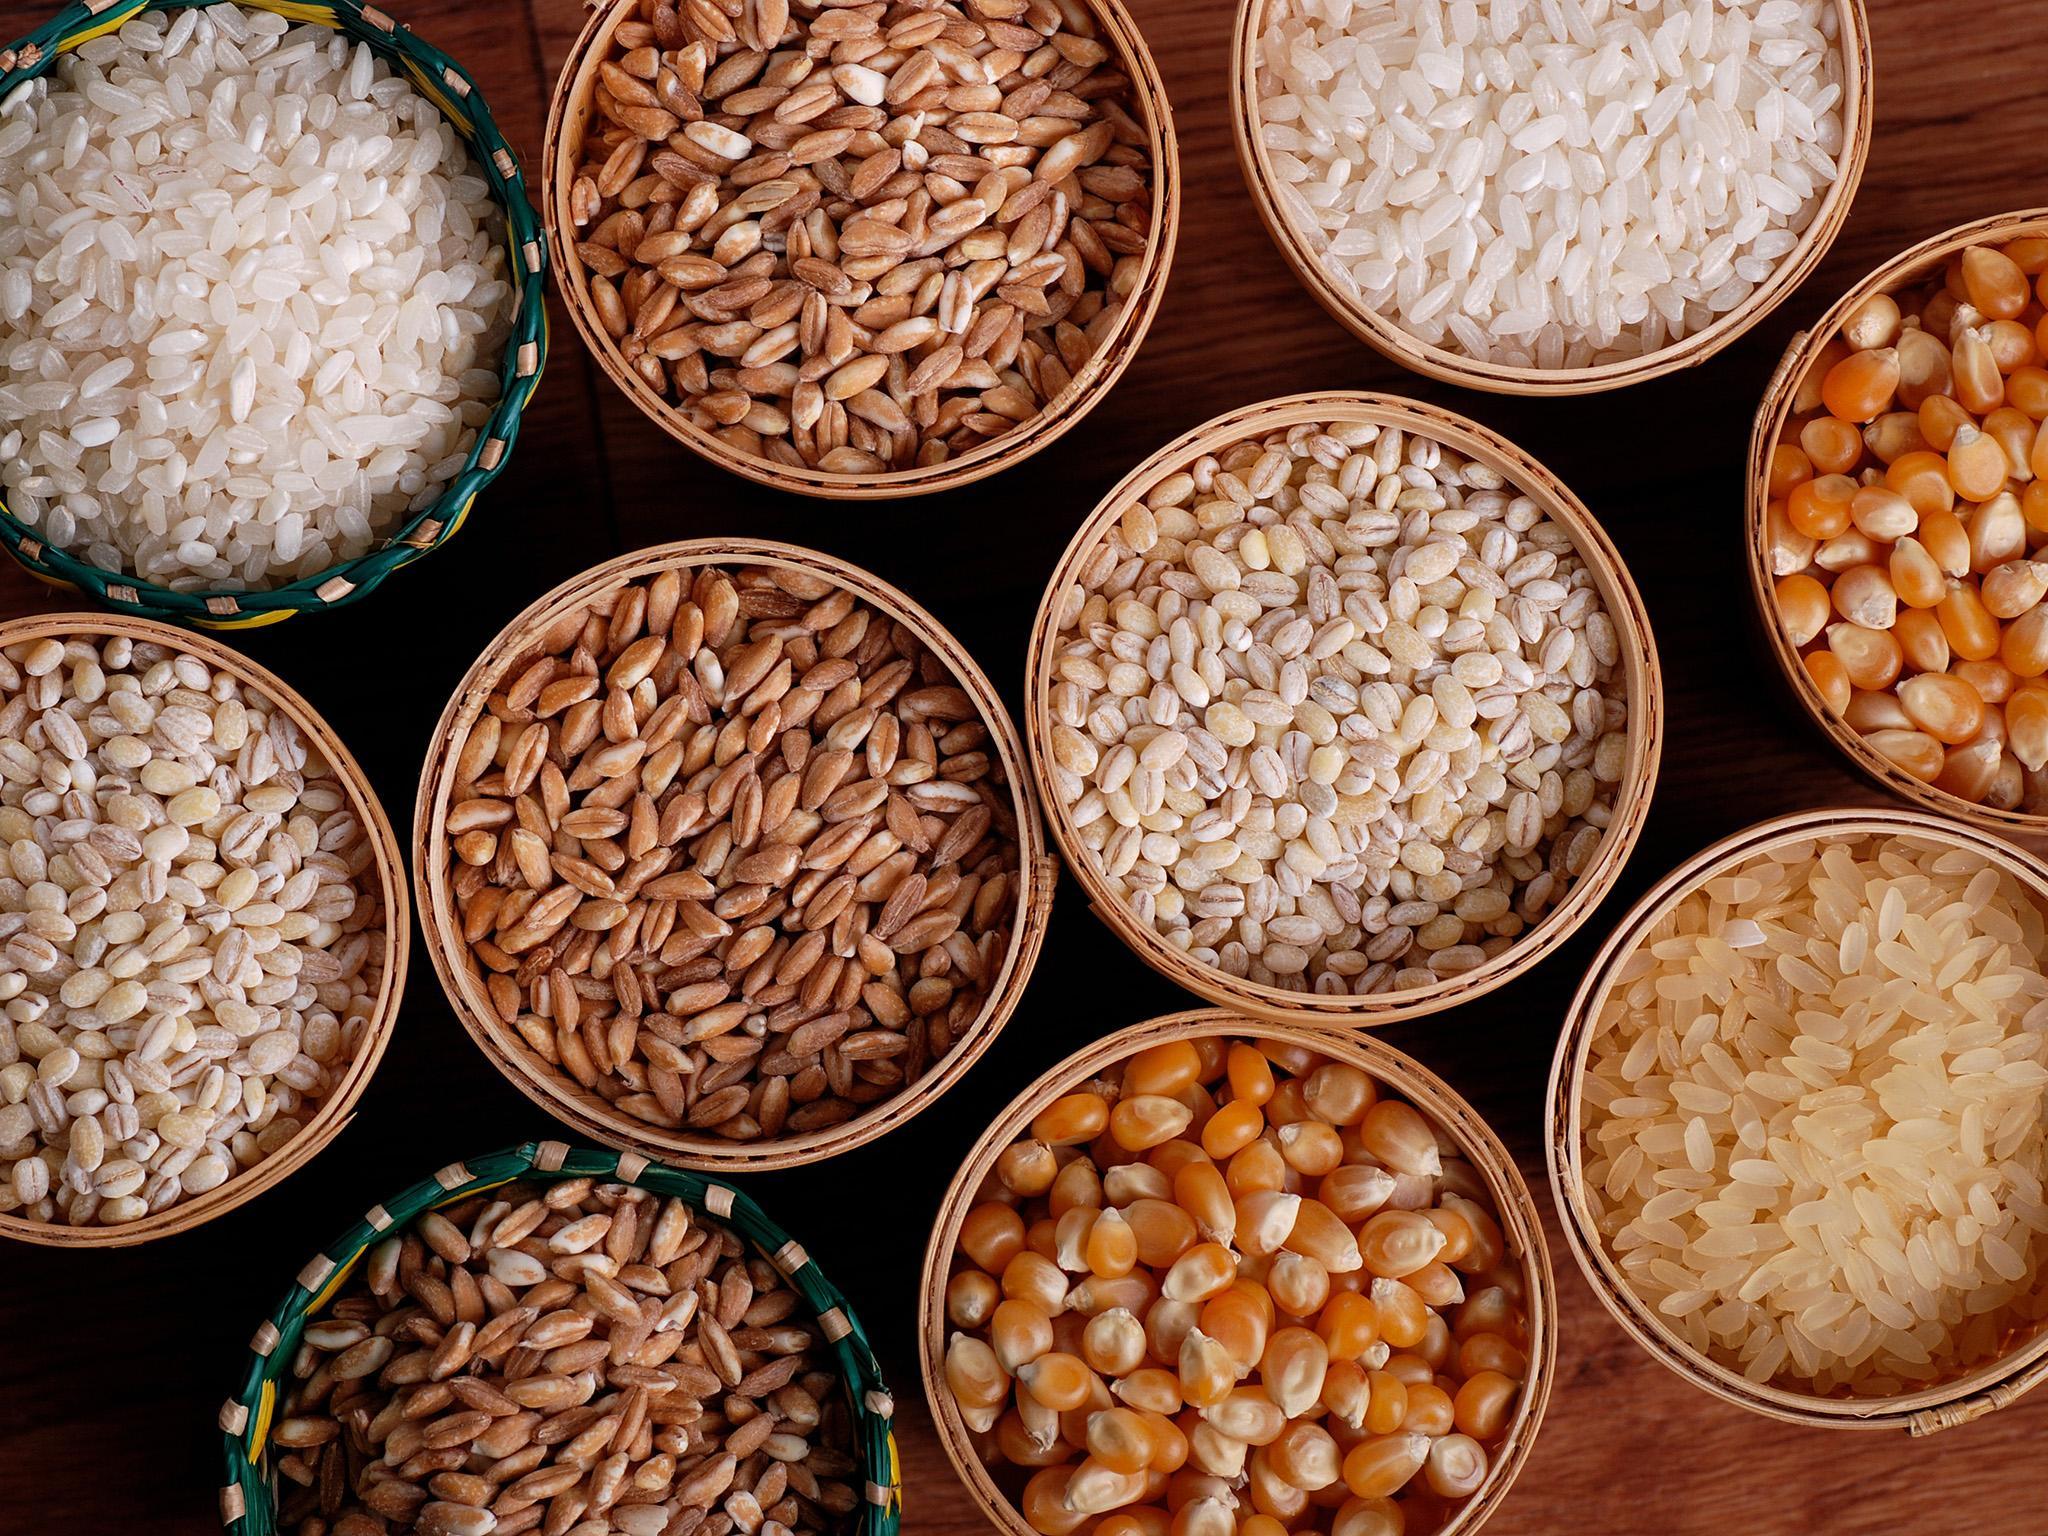 Terményszárítás - hogyan és miért – Agrárágazat